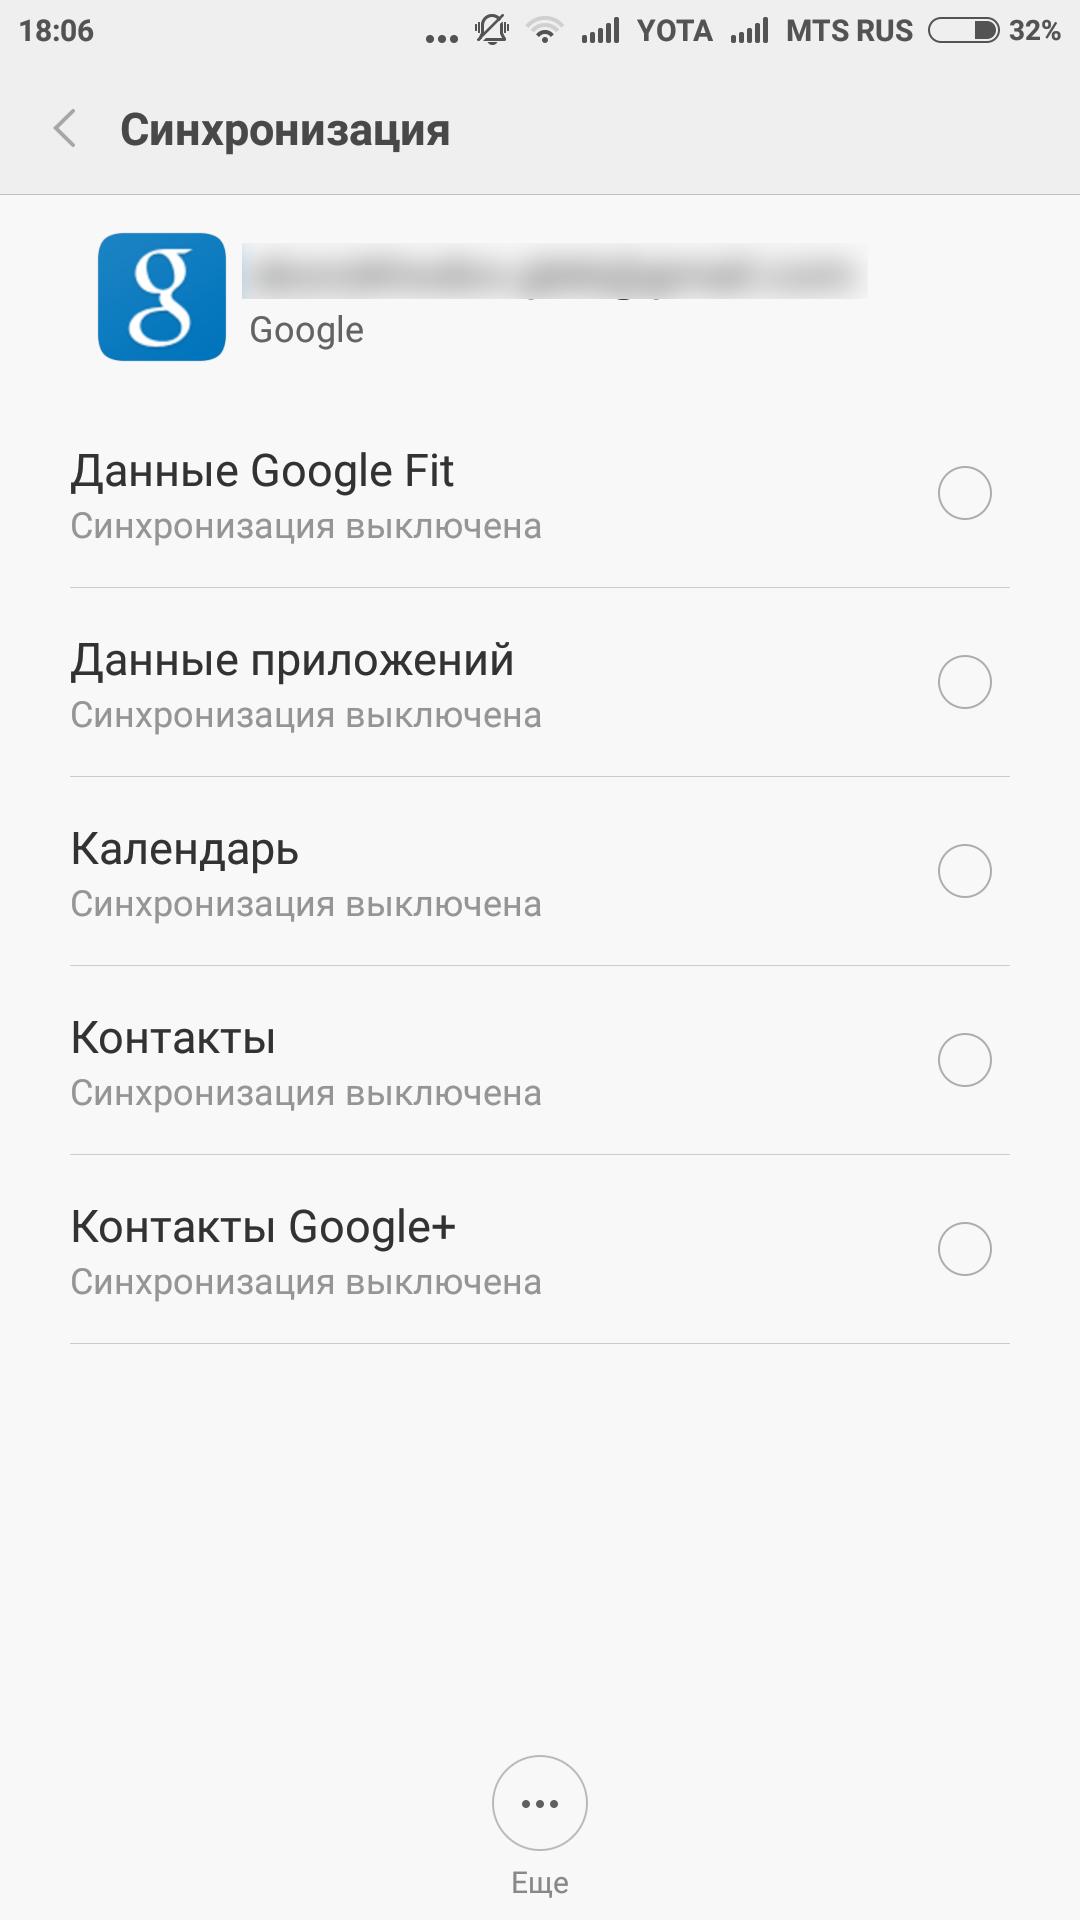 Cинхронизация контактов Google: как 88